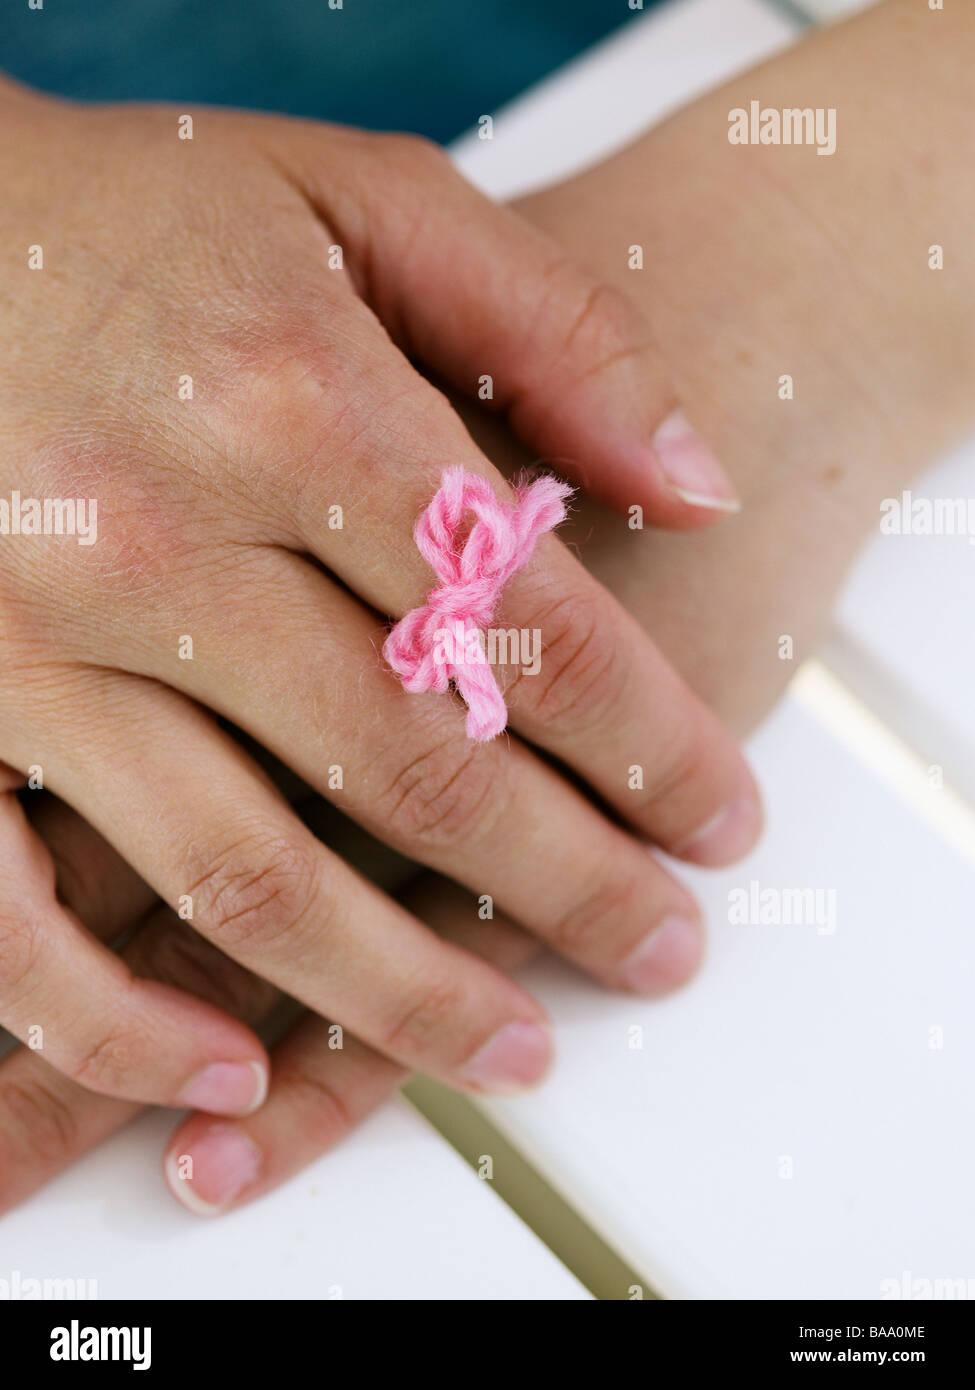 Eine Hand mit einem rosa Faden um einen Finger zu merken, Schweden gebunden. Stockbild